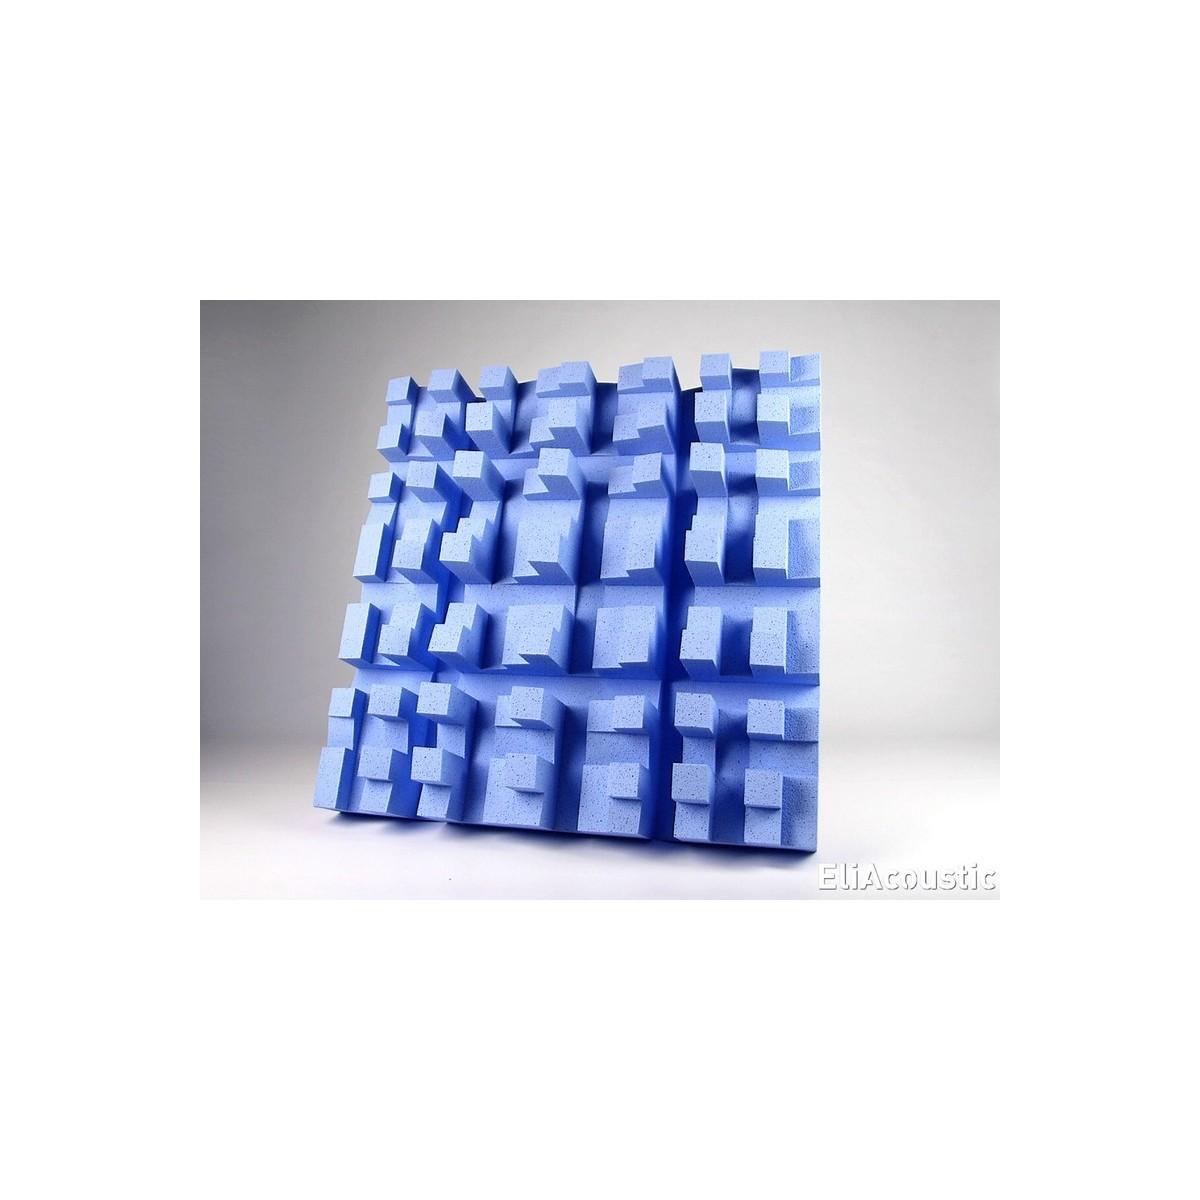 EliAcoustic fussor 3D pure light blue